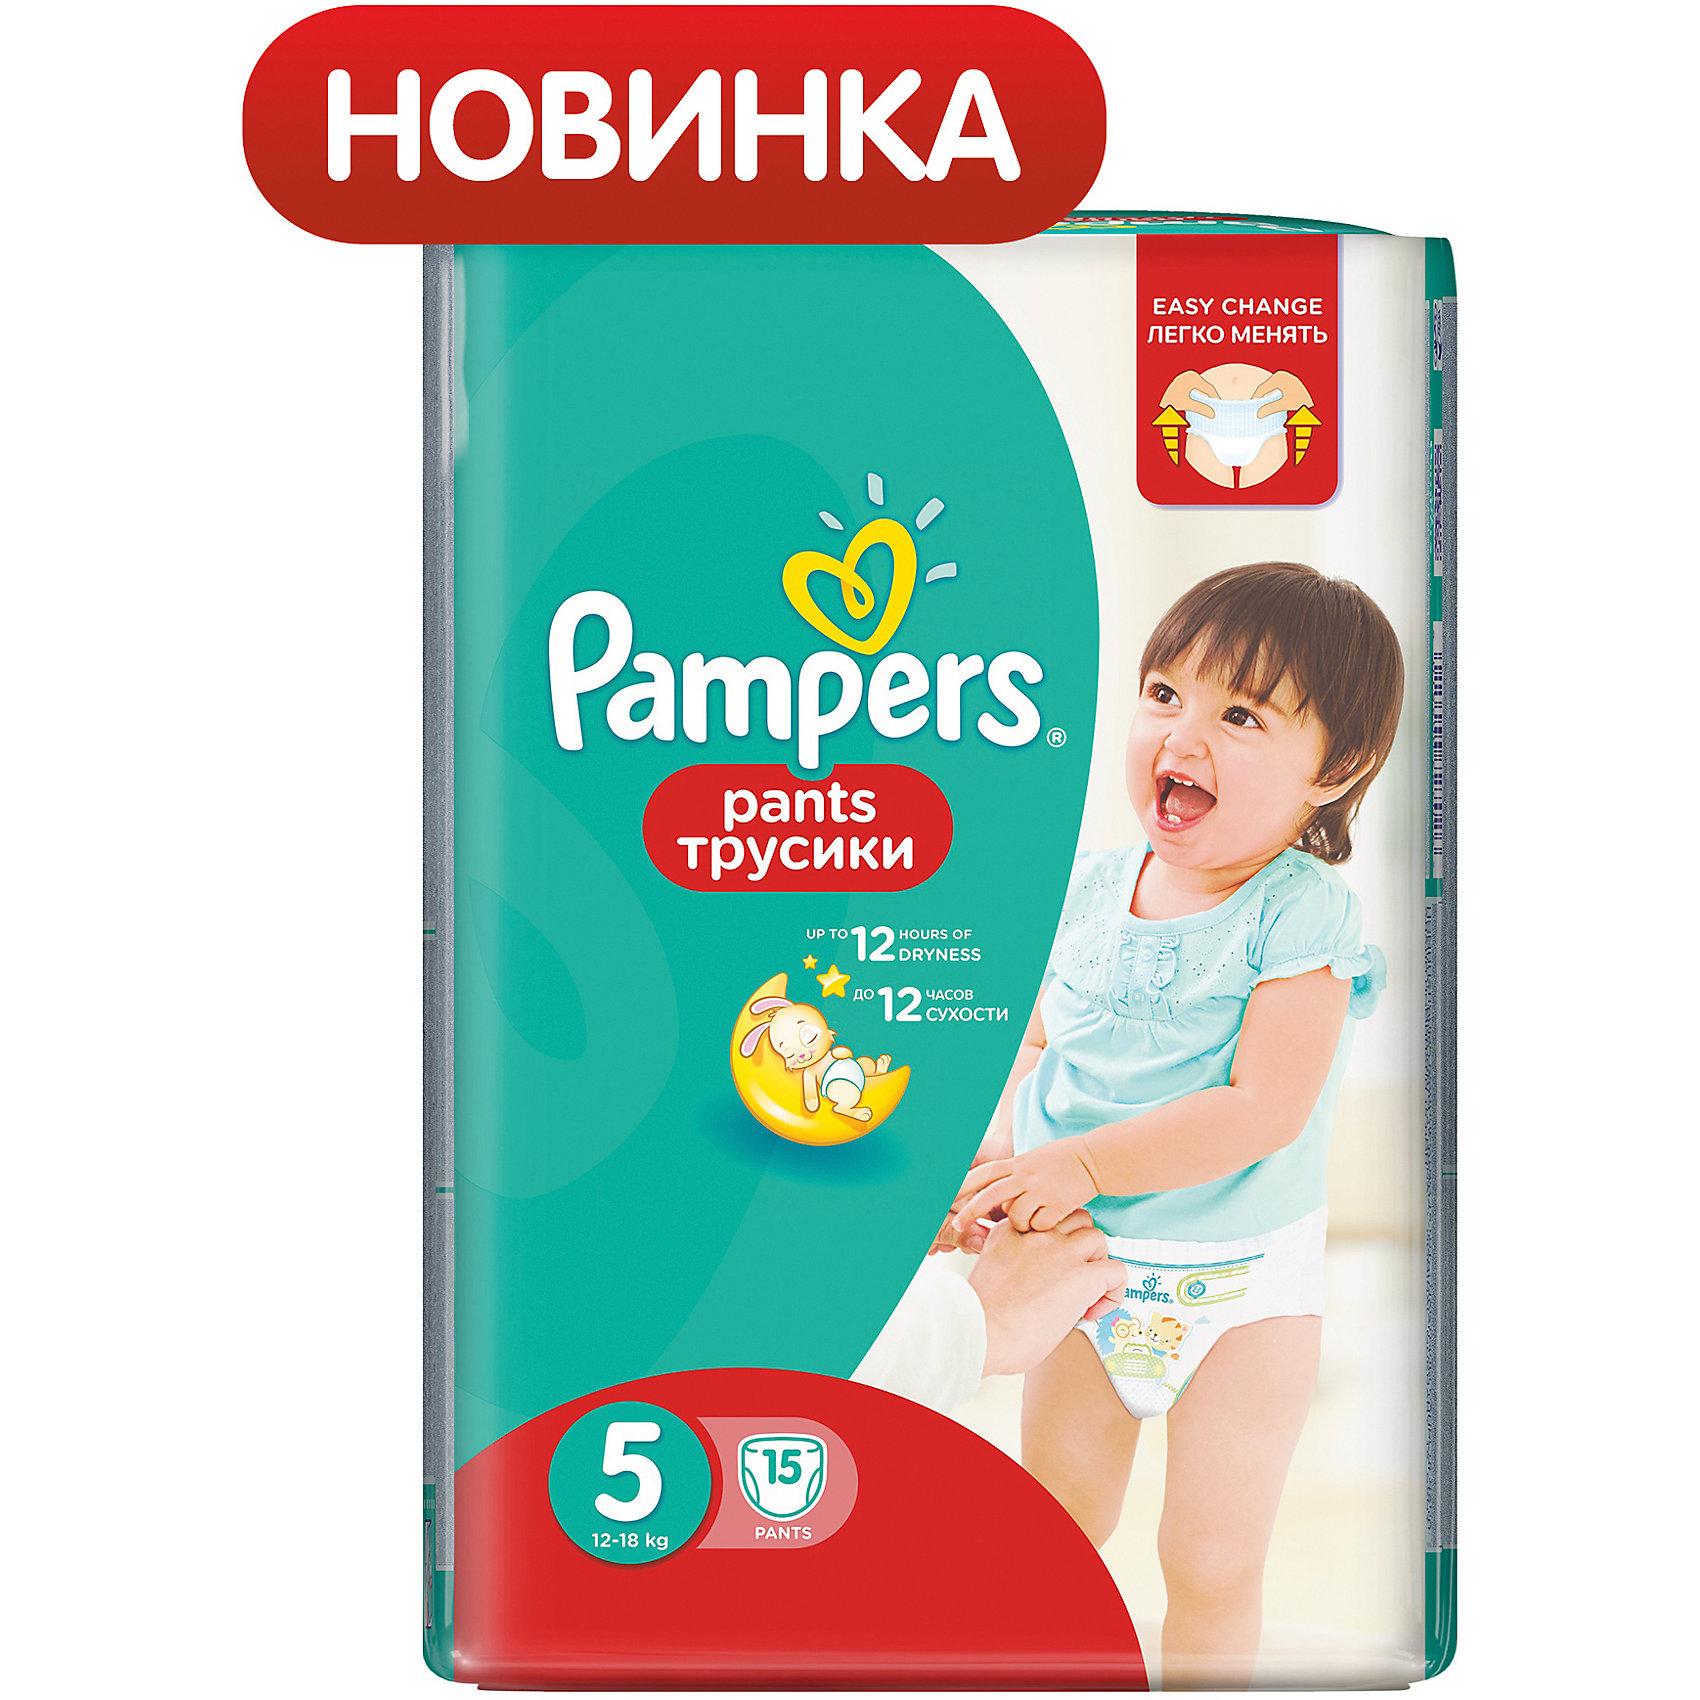 Трусики-подгузники Pampers Pants Junior, 12-18 кг., 15 шт.Трусики-подгузники Pampers Pants Junior (Памперс пантс), 12-18 кг., 15 шт.<br><br>Характеристики:<br><br>• впитывают и удерживают влагу до 12 часов<br>• дополнительный впитывающий слой<br>• эластичный поясок и манжеты не стесняют движений крохи<br>• дышащие материалы обеспечивают правильную микроциркуляцию кожи<br>• легко снимать и надевать<br>• состав бальзама: вазелин, стеариловый спирт, медицинский жидкий парафин, экстракт листа алоэ<br>• размер: 12-18 кг<br>• количество: 15 шт.<br>• размер упаковки: 23х14х16,3 см<br>• вес: 497 грамм<br><br>Ваш кроха очень быстро растет и активно познает мир. Чтобы у малыша была энергия для игры, ему необходим крепкий здоровый сон. Трусики-подгузники Pampers Pants Junior обеспечат вашей крохе сухую ночь и комфортный сон. Они быстро впитывают влагу и удерживают ее внутри до 12 часов. Дышащие материалы трусиков пропускают воздух, позволяя коже дышать. Эластичность манжетов и поясков позволяет малышу активно двигаться, не стесняя его движений. Трусики-подгузники легко надеть даже на активного непоседу. Снять их можно просто разорвав сбоку. С этими подгузниками ваш ребенок с радостью будет познавать окружающий мир!<br><br>Трусики-подгузники Pampers Pants Junior (Памперс пантс), 12-18 кг., 15 шт. вы можете купить в нашем интернет-магазине.<br><br>Ширина мм: 163<br>Глубина мм: 140<br>Высота мм: 230<br>Вес г: 497<br>Возраст от месяцев: 12<br>Возраст до месяцев: 36<br>Пол: Унисекс<br>Возраст: Детский<br>SKU: 5422924